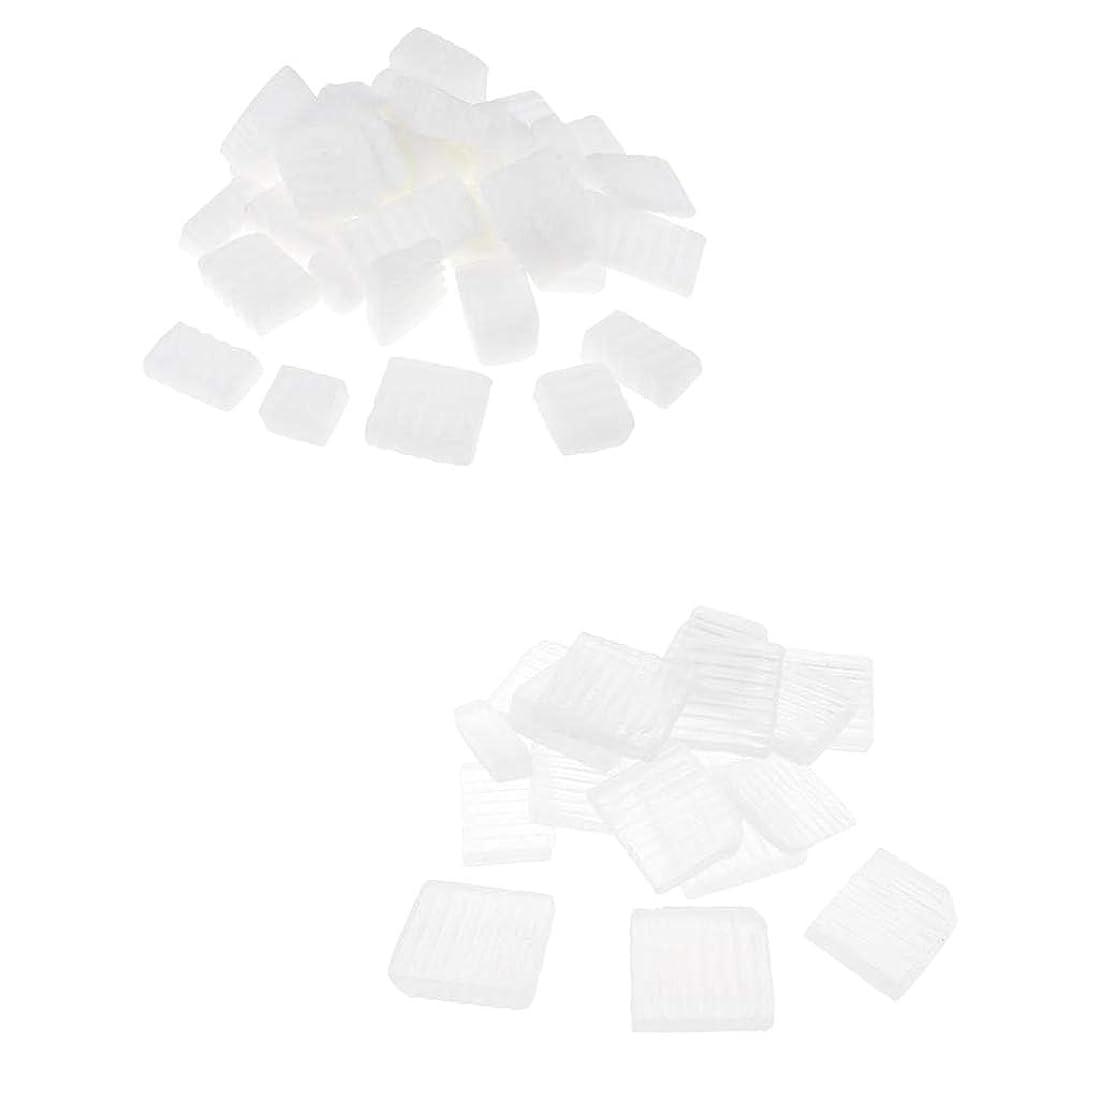 縮約消費痛みPerfeclan 固形せっけん ホワイト透明 手芸 バス用品 手作り ハンドメイド 石鹸製造 安全健康 2種混合